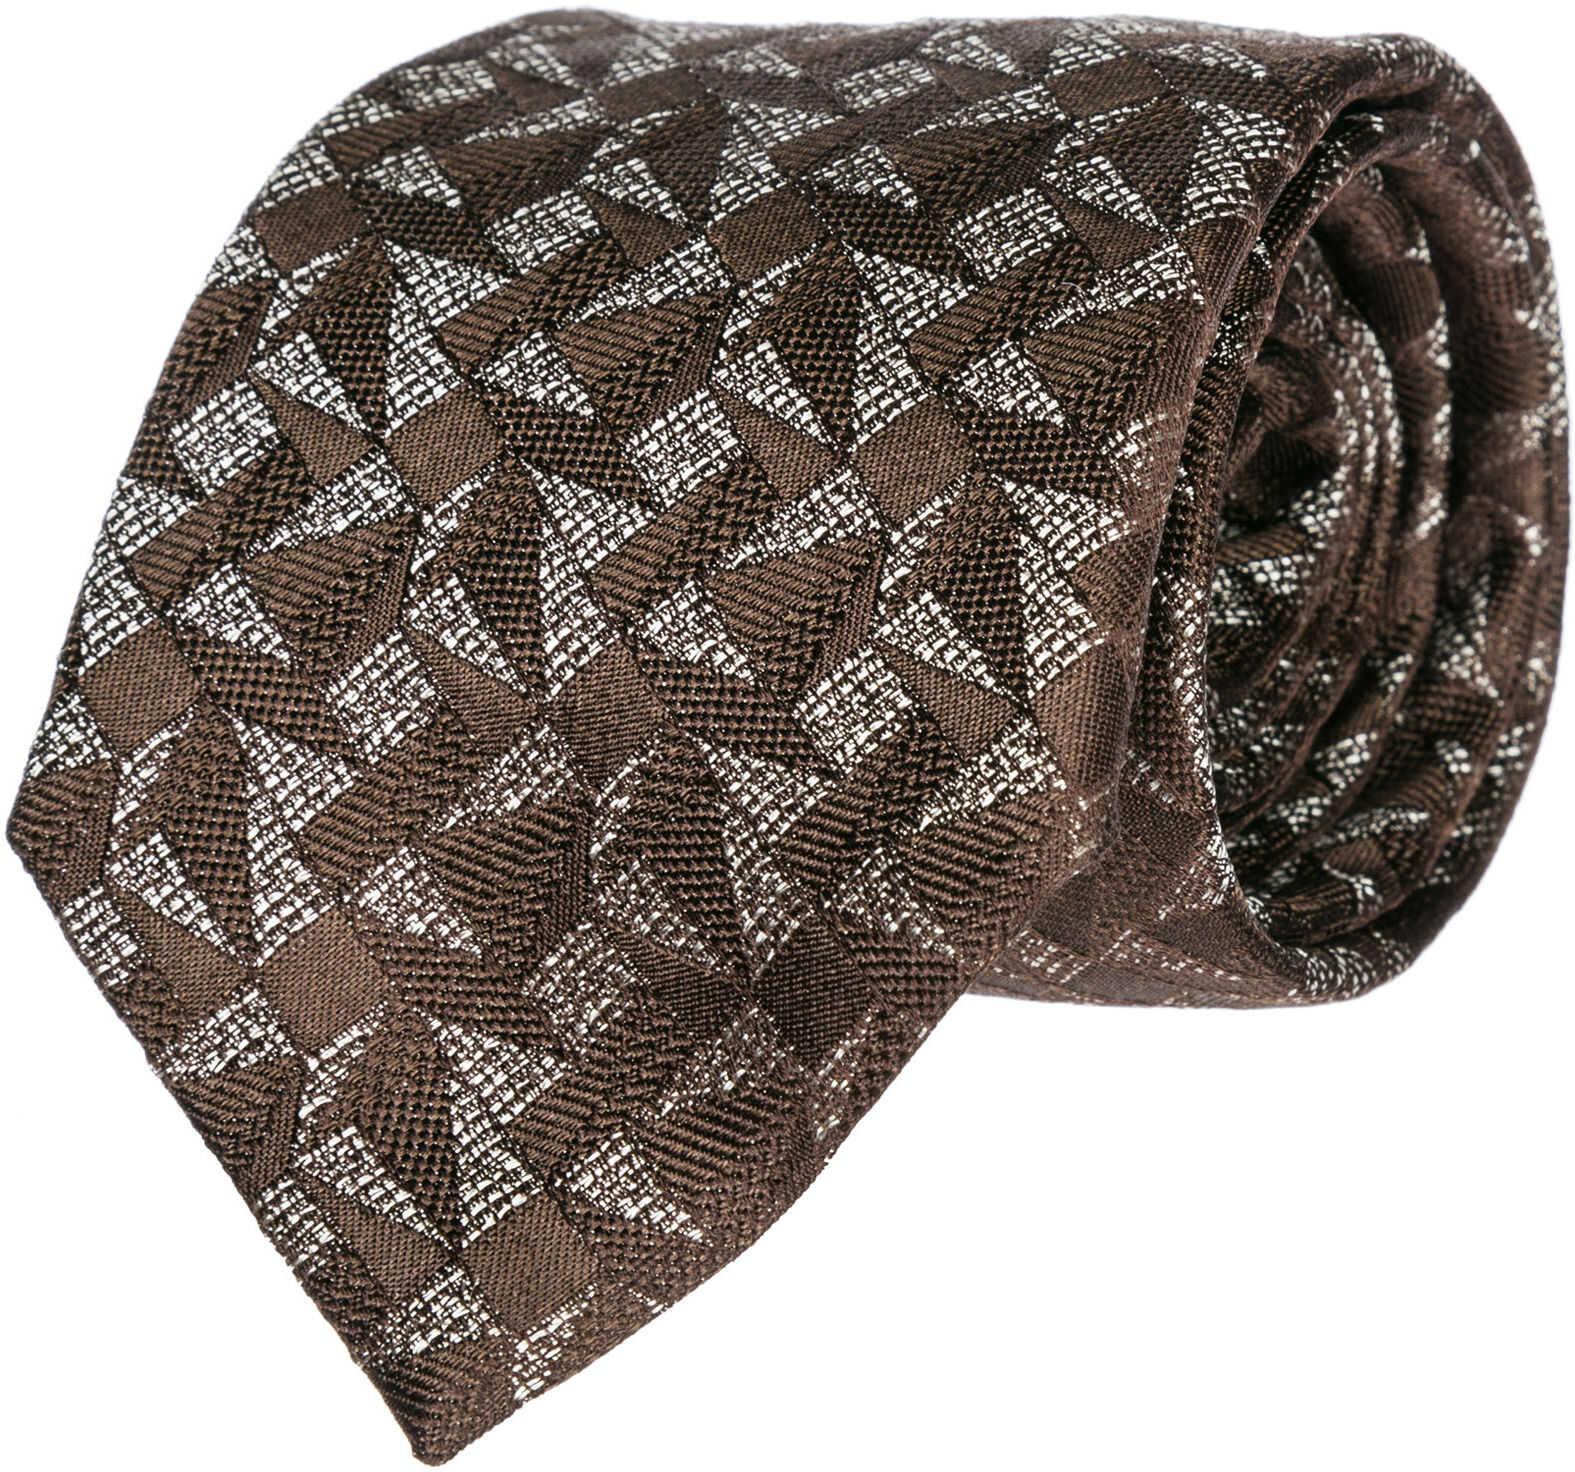 Emporio Armani Tie Necktie Brown